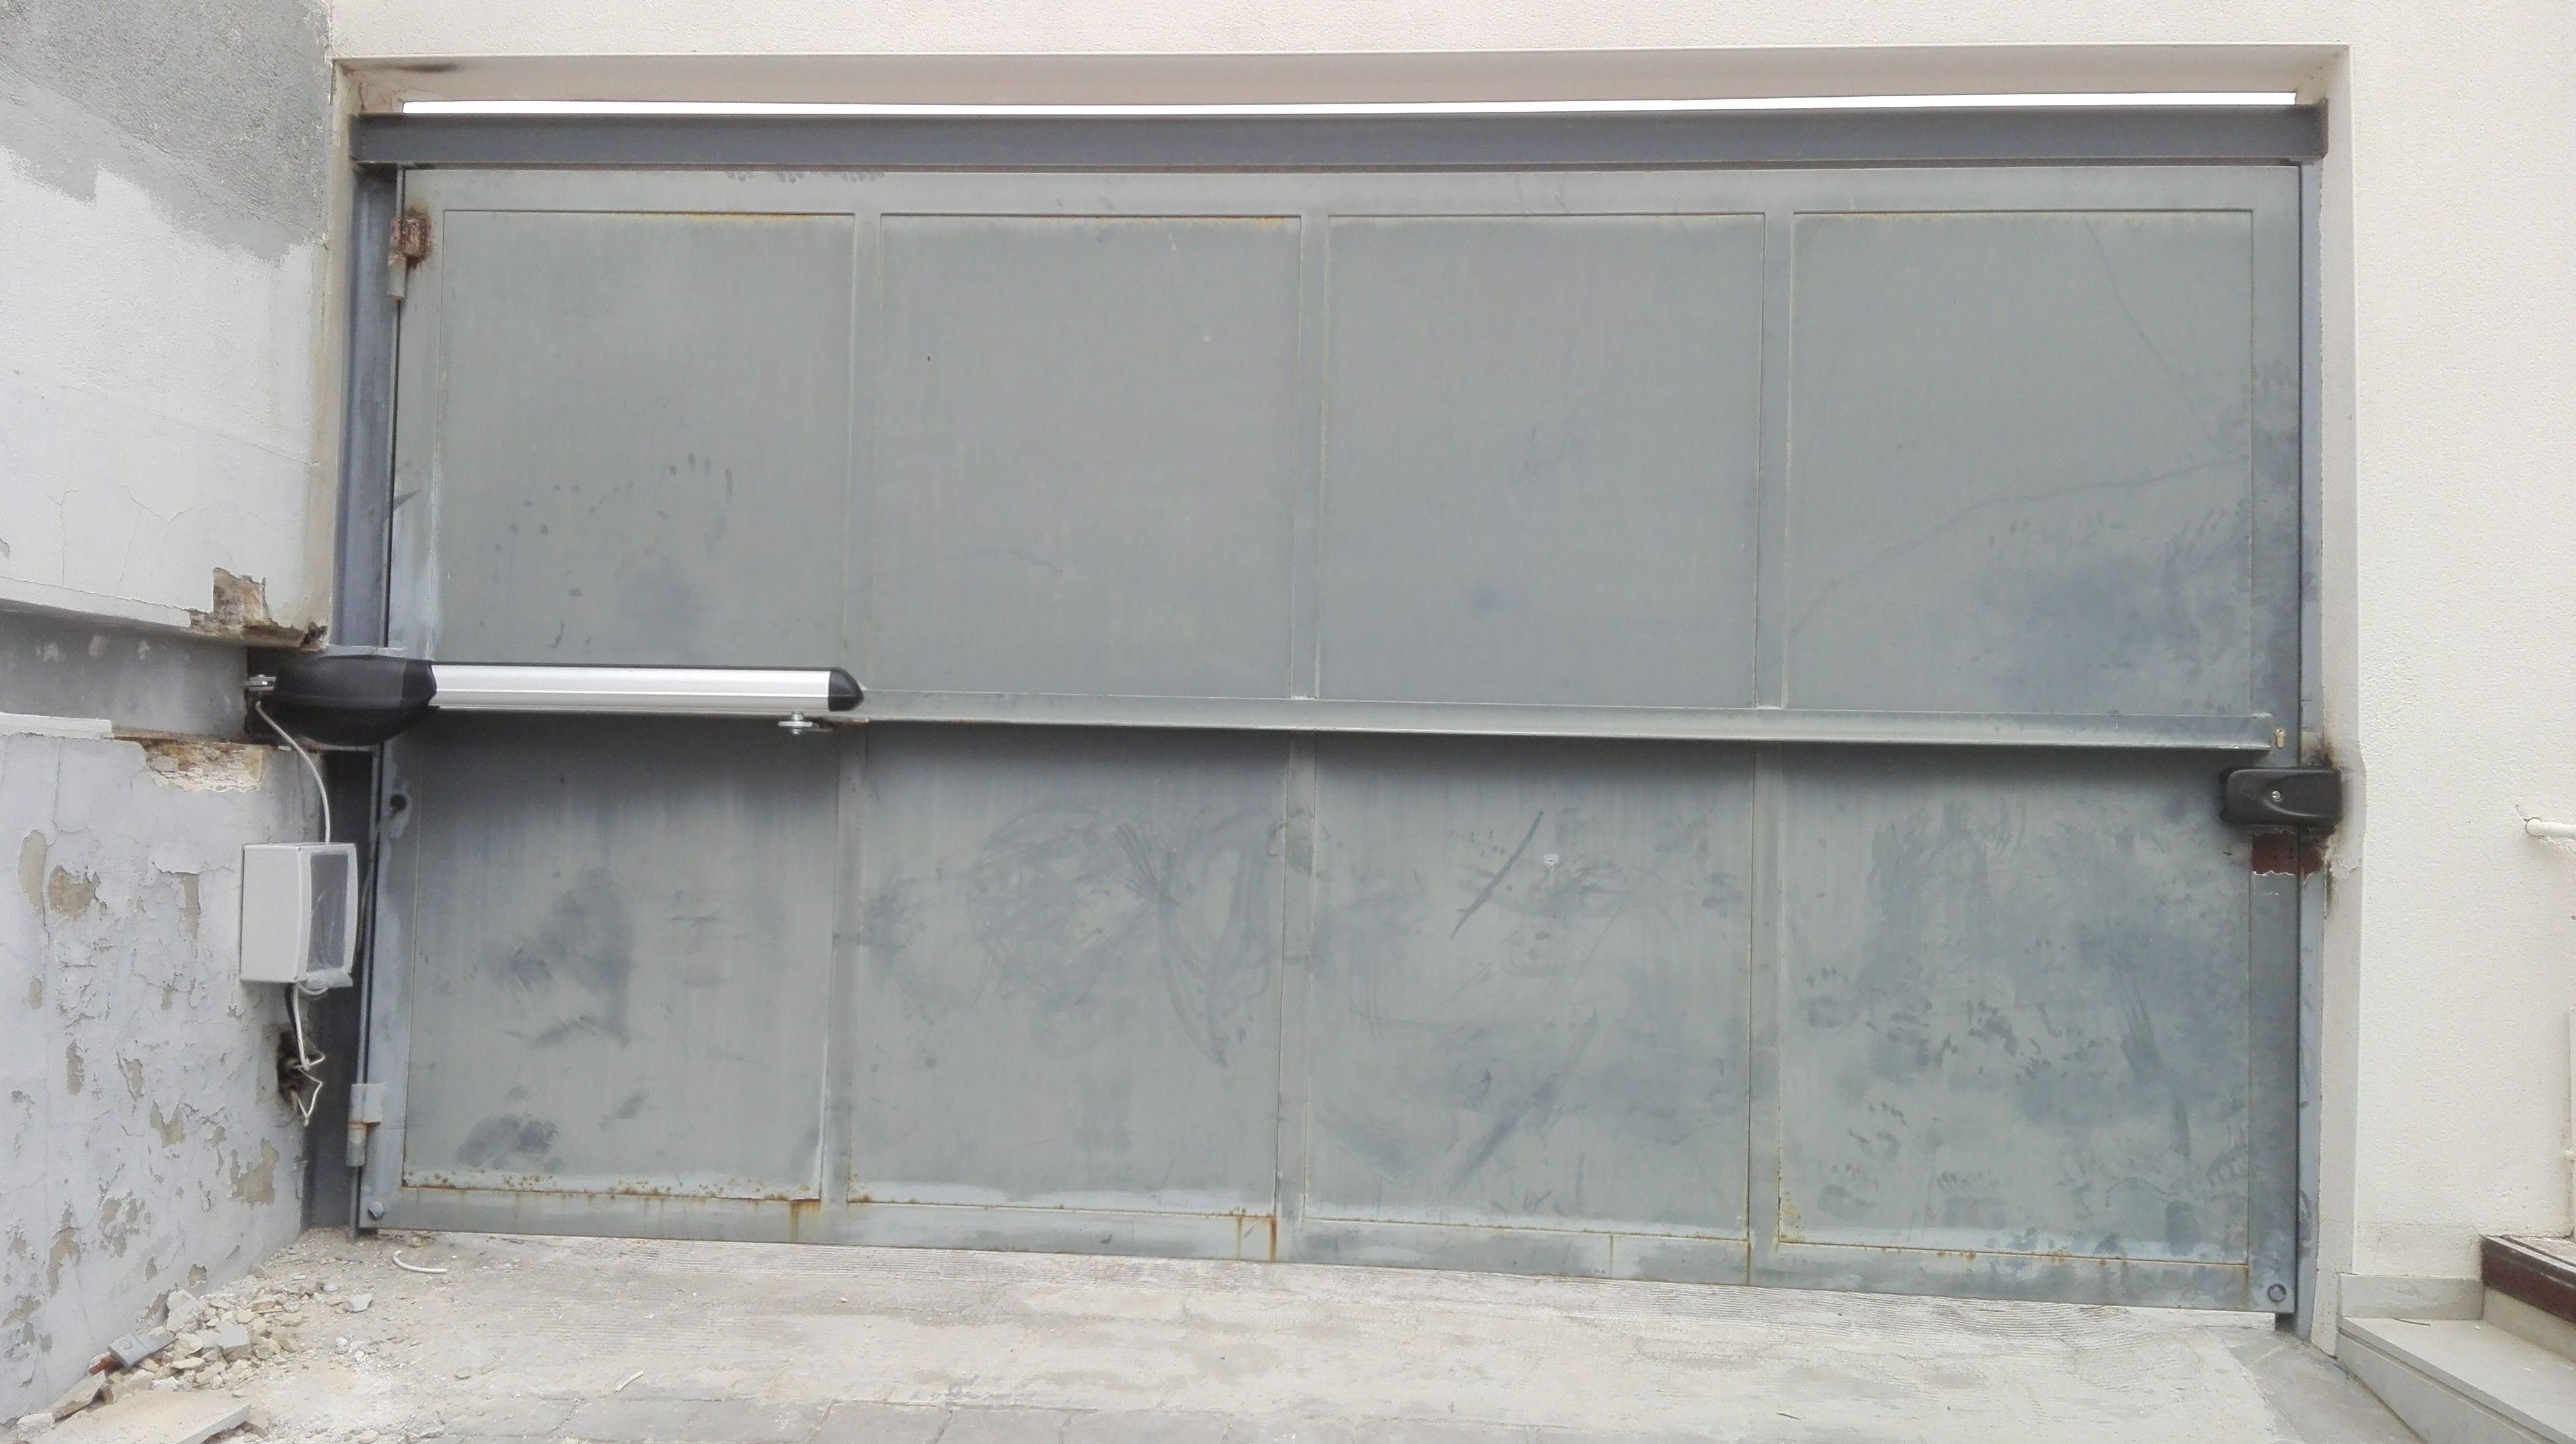 Automatizaci n de puerta batiente residencial motor for Motor puerta automatica